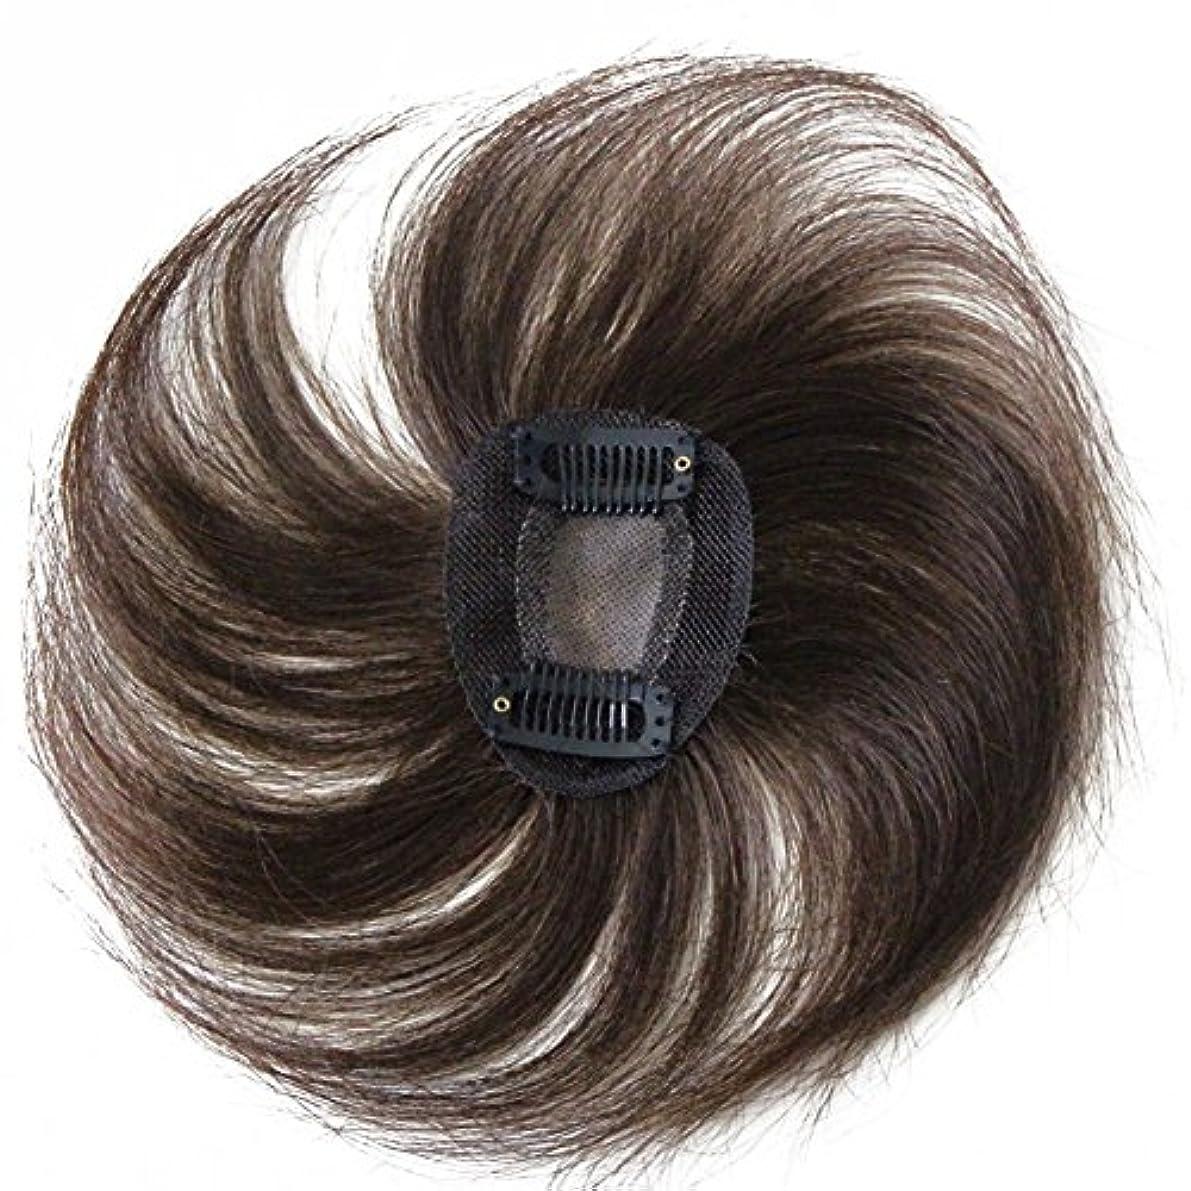 ウミウシ部解放Remeehiヘアピース トップビース つむじカバー ヘアピース 白髪隠し ボリュームアップ